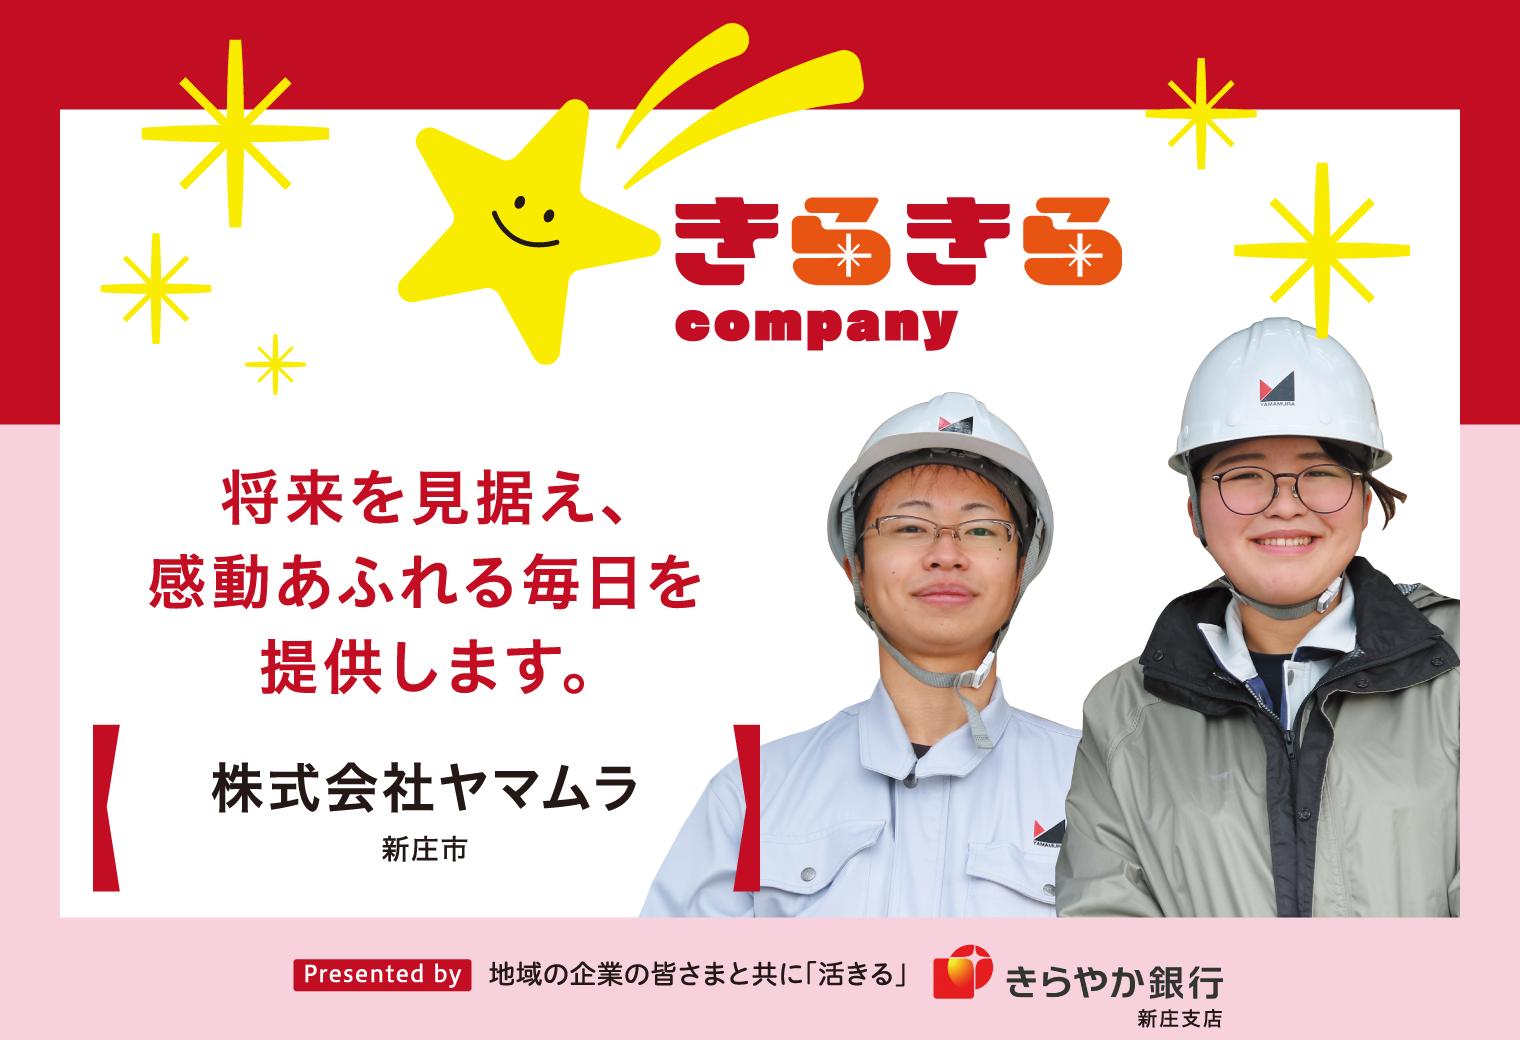 きらきらcompany:株式会社ヤマムラ